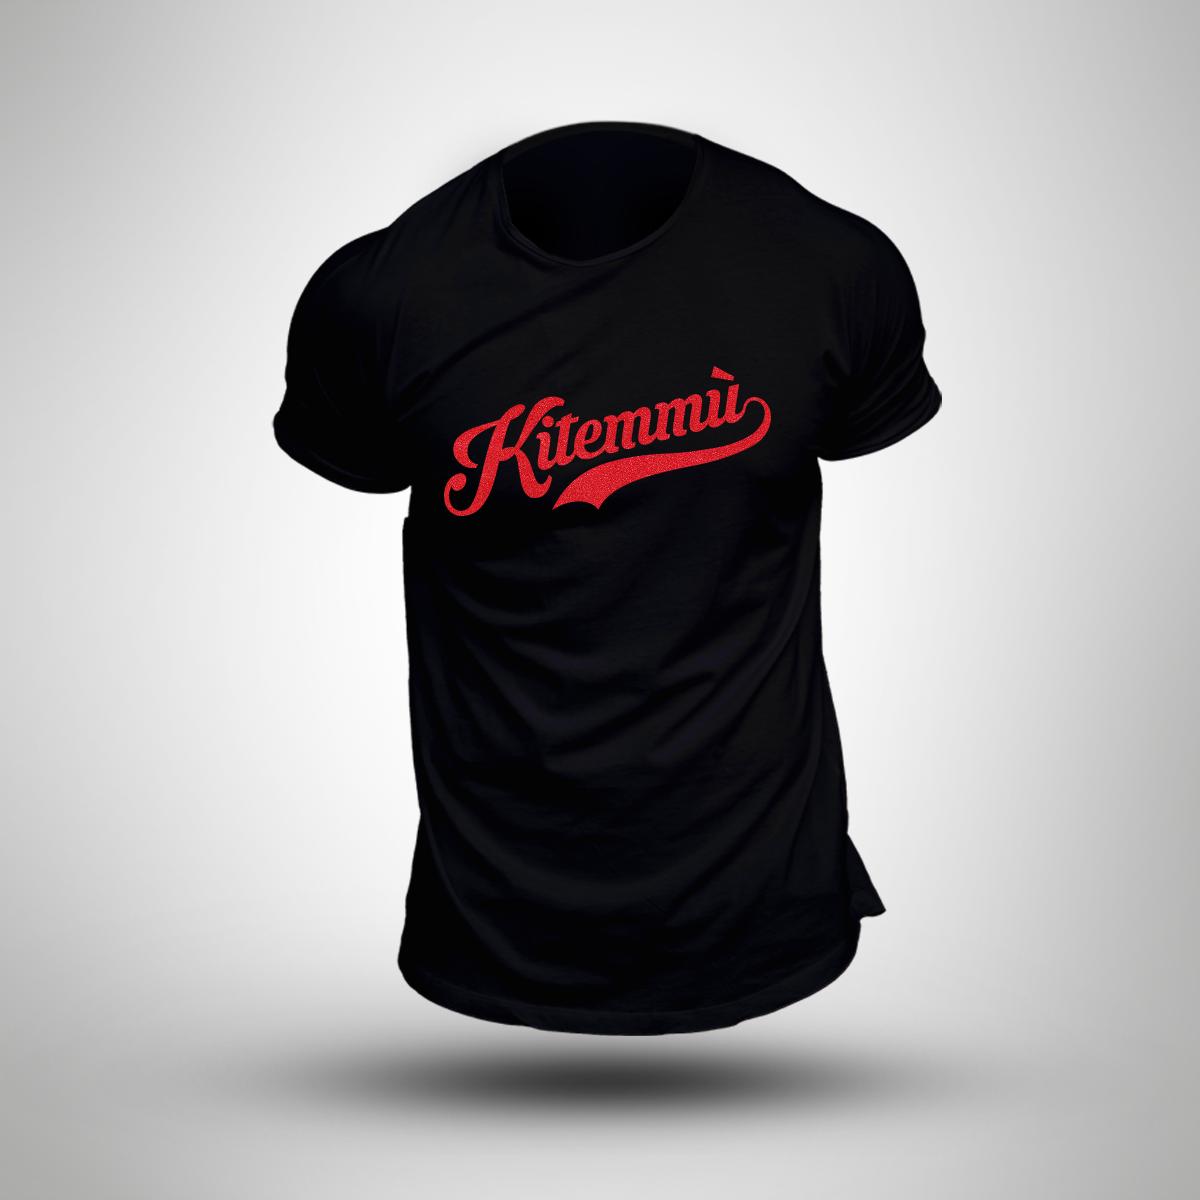 Kitemmu_Tshirt